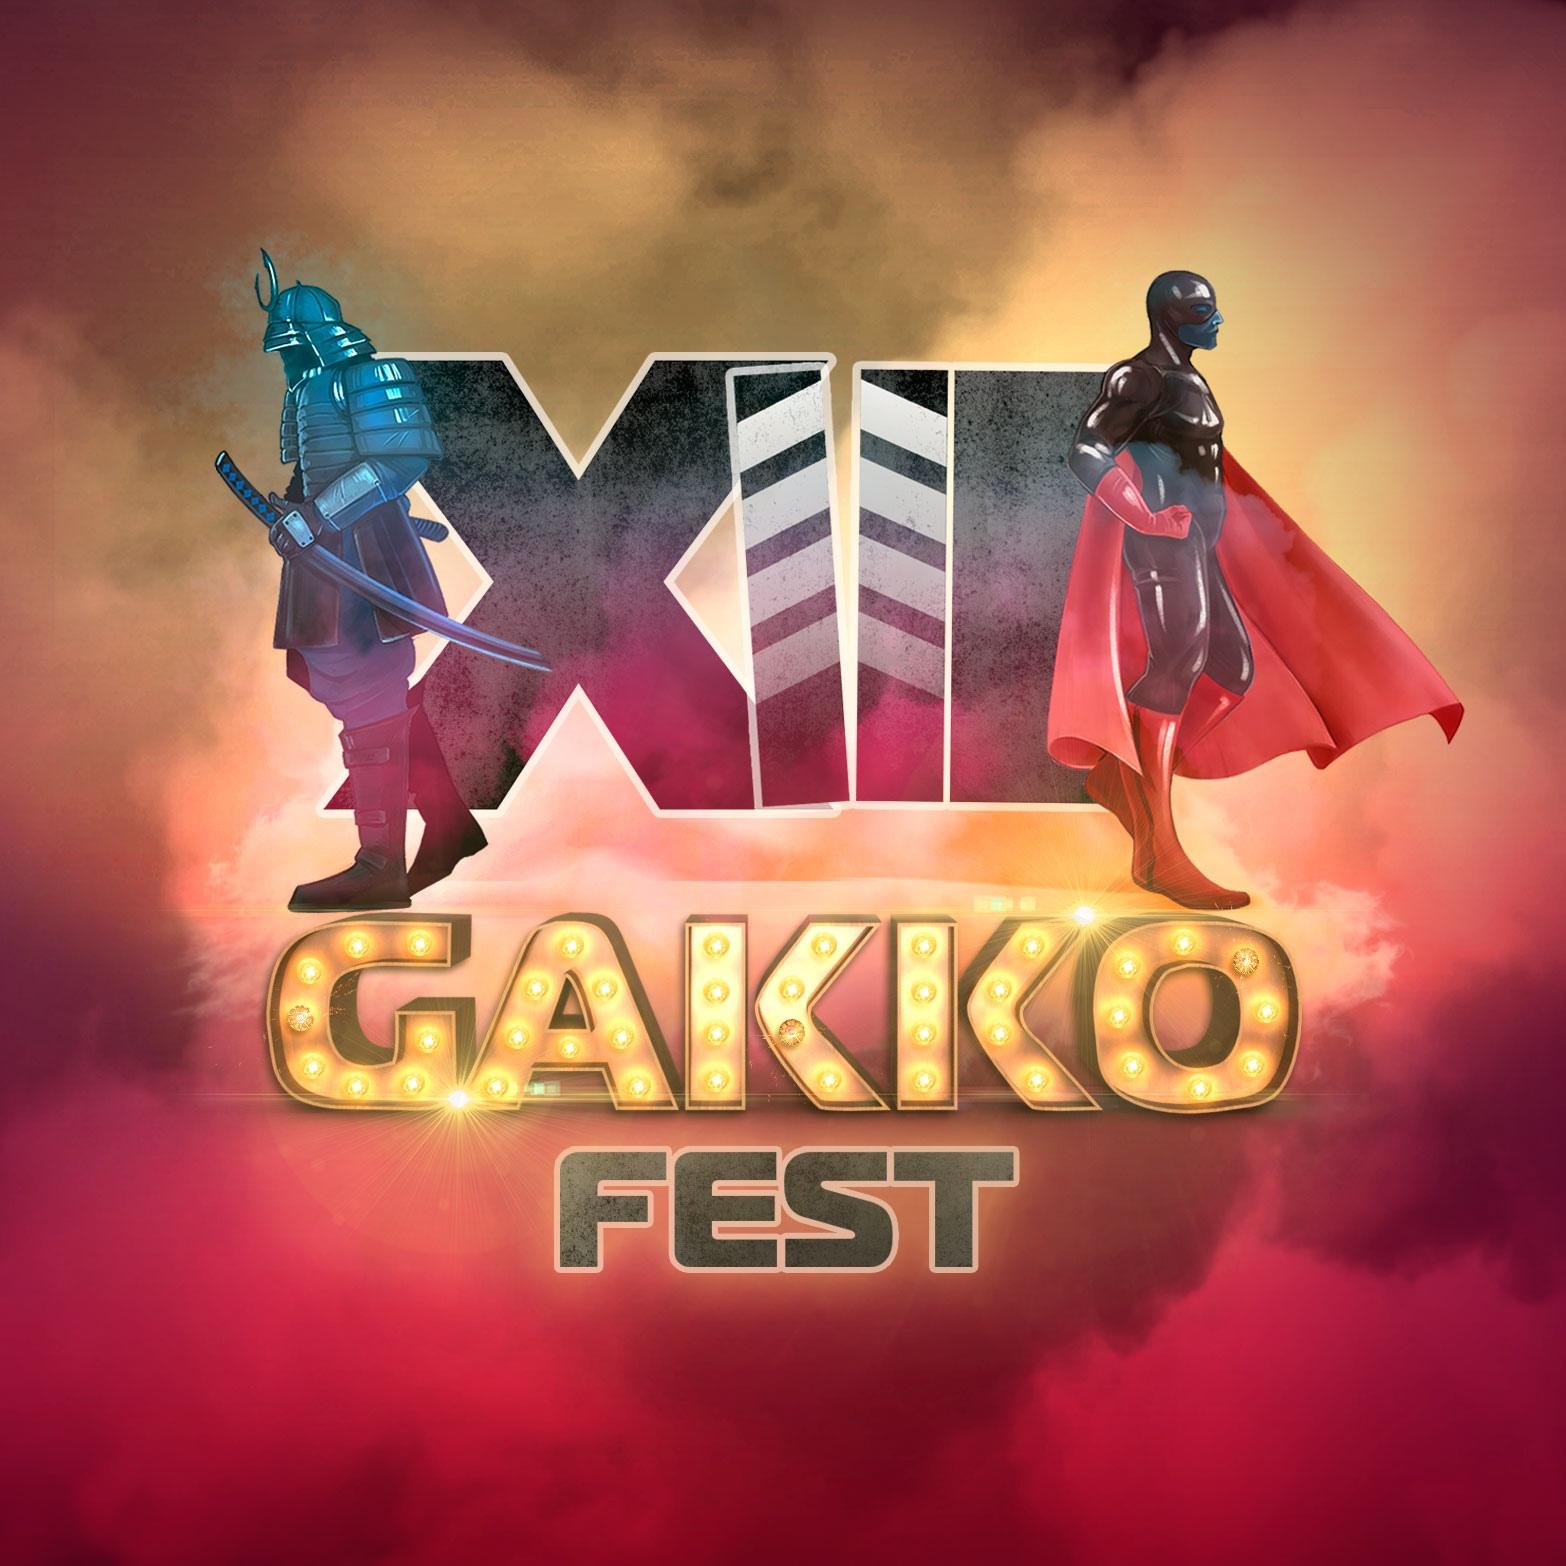 GAKKO 13 - Белгородский Аниме/Geek фестиваль